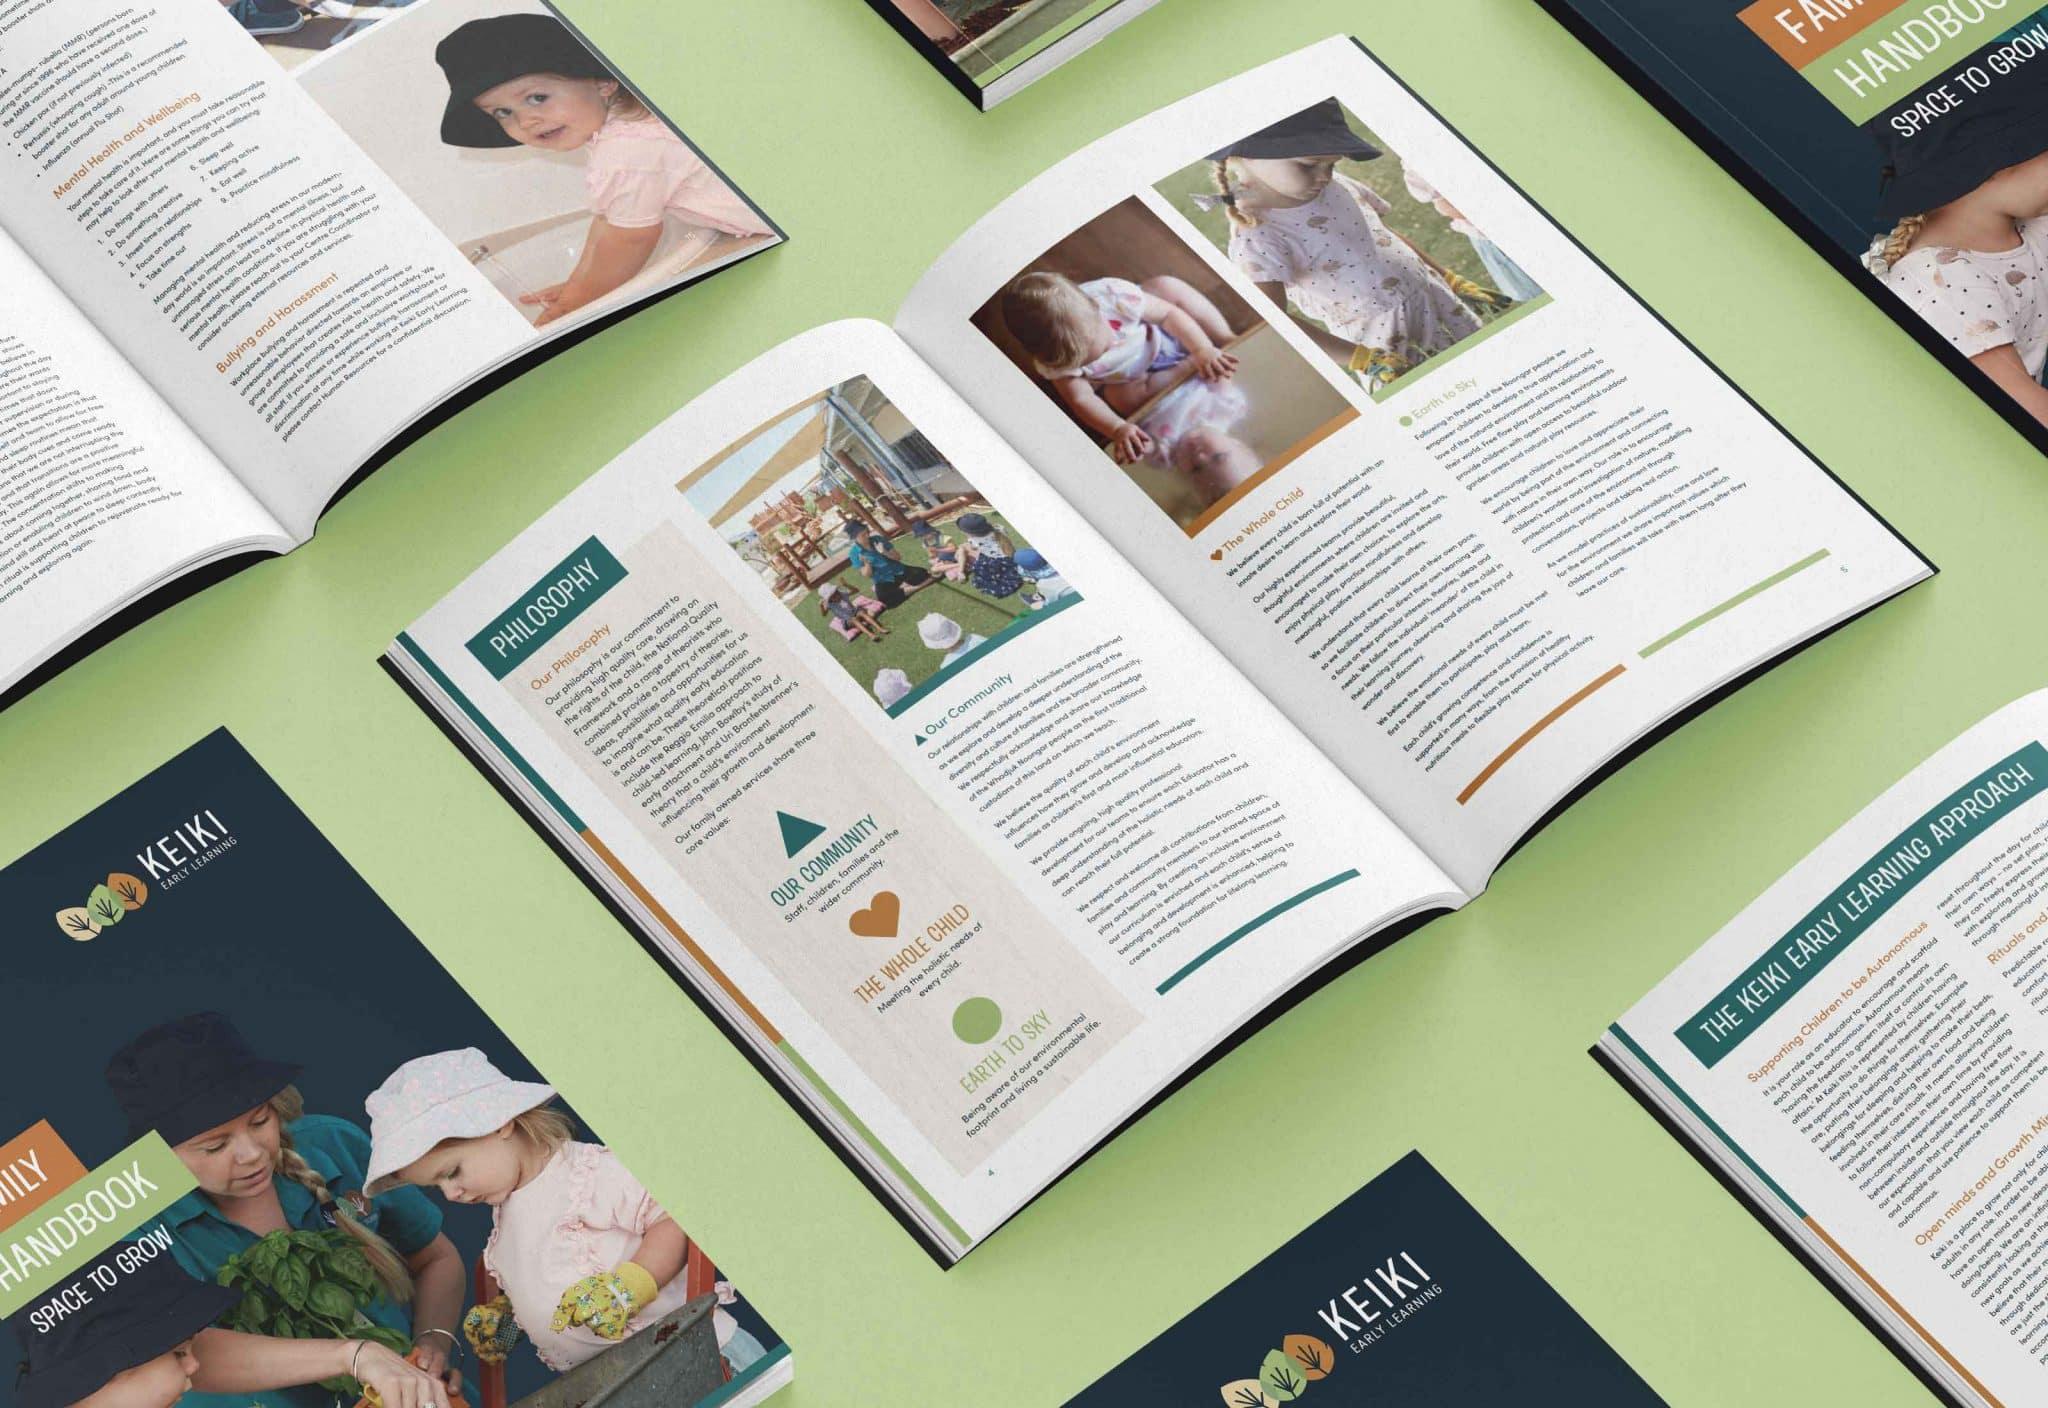 4 4S Work Keiki Staff Handbook